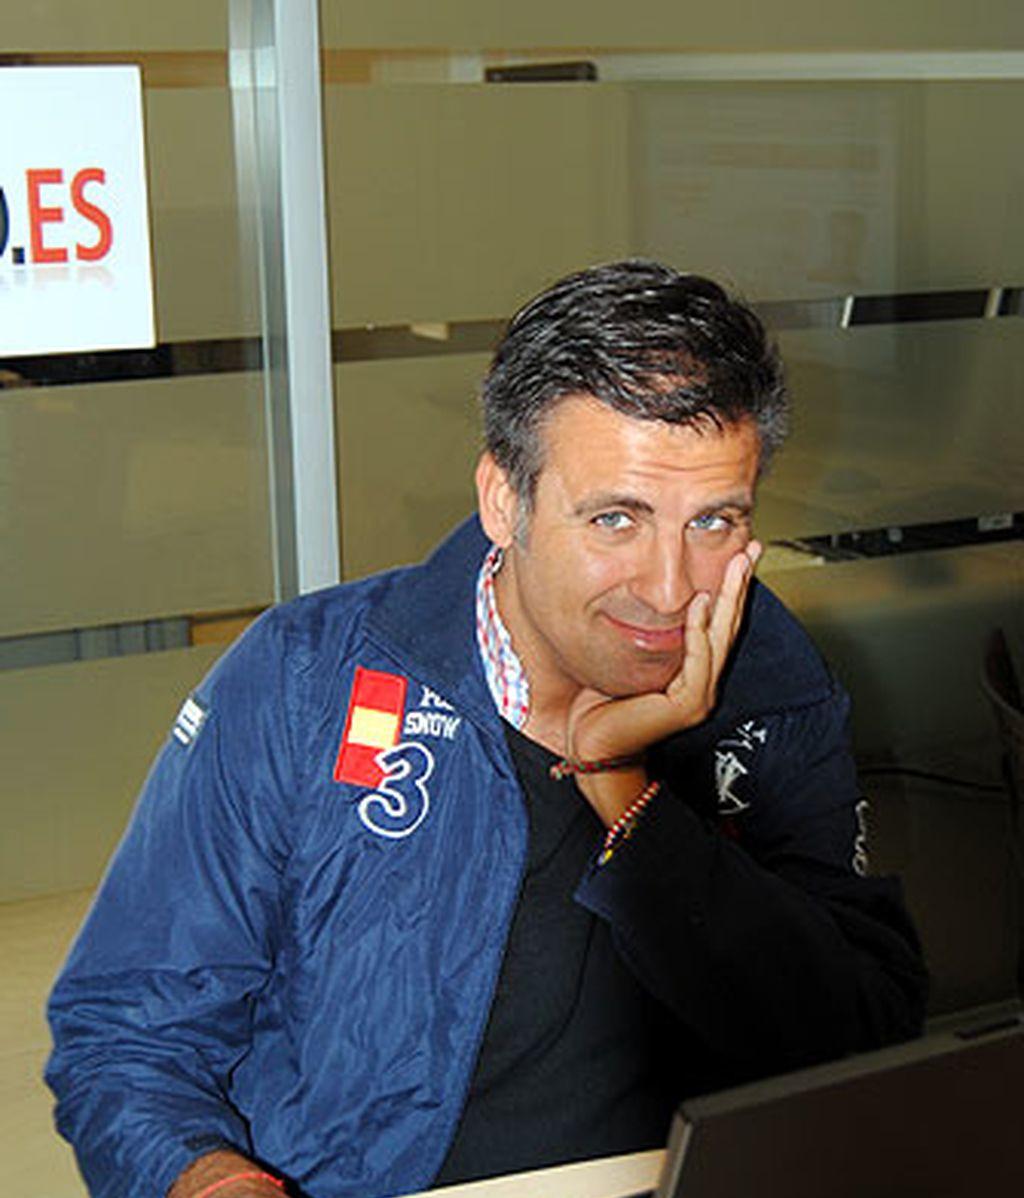 Pepe en telecinco.es